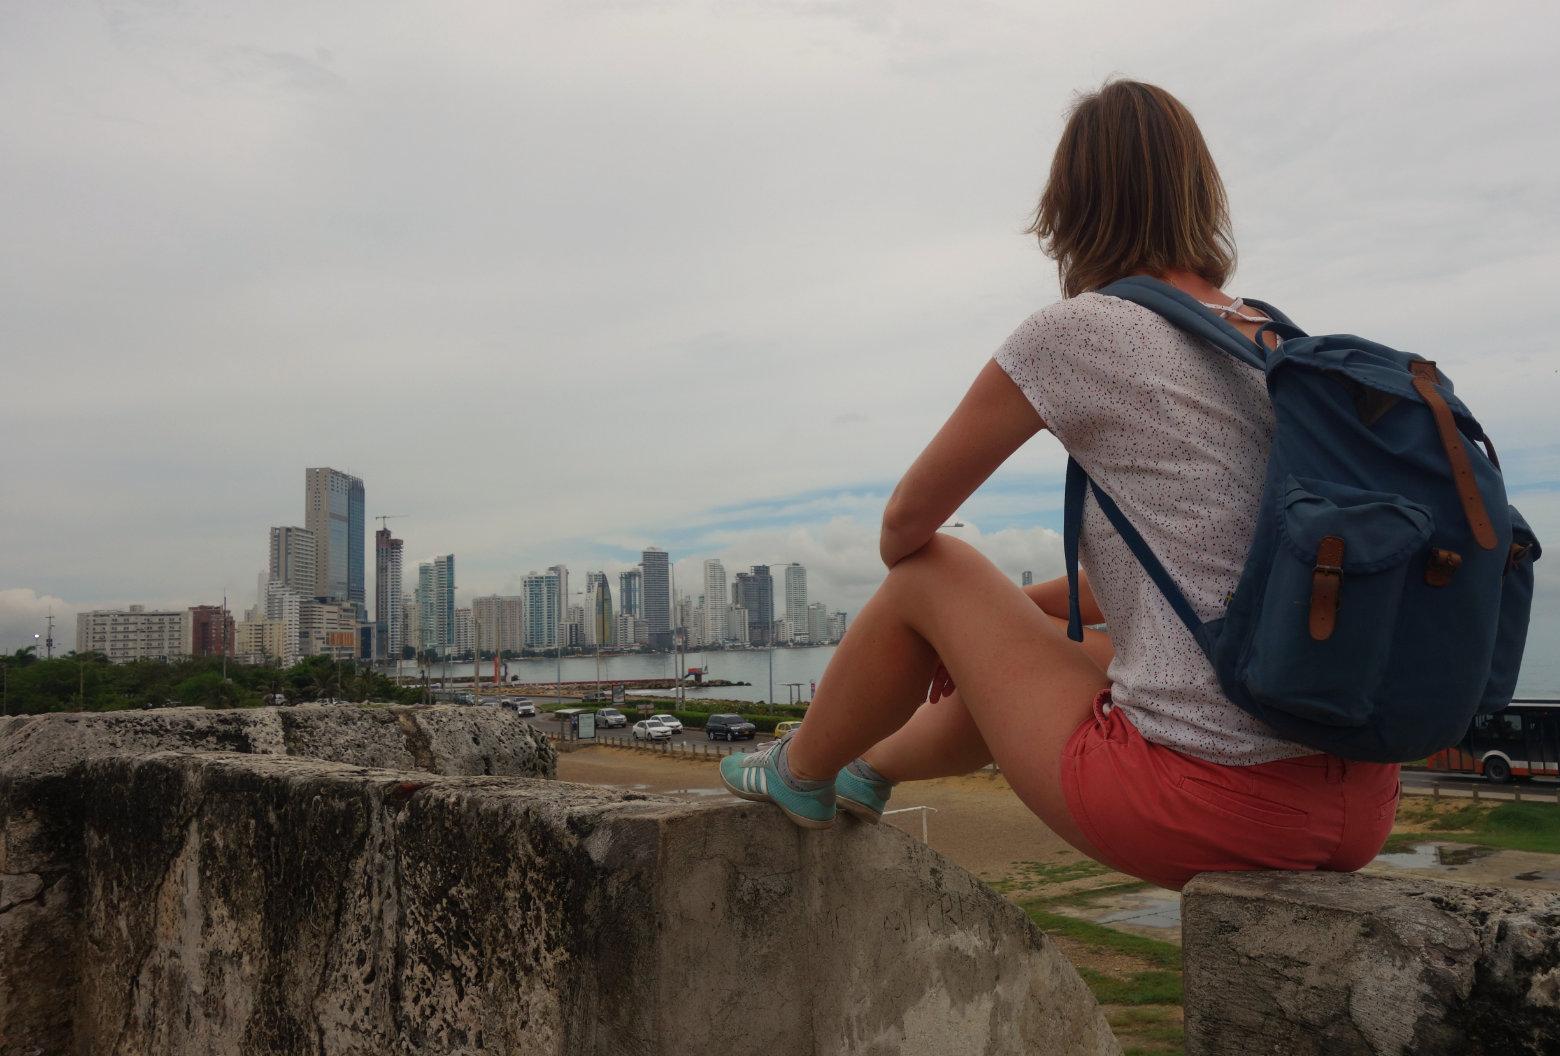 Cartagena Stadtmauer mit Blick auf Hochhäuser